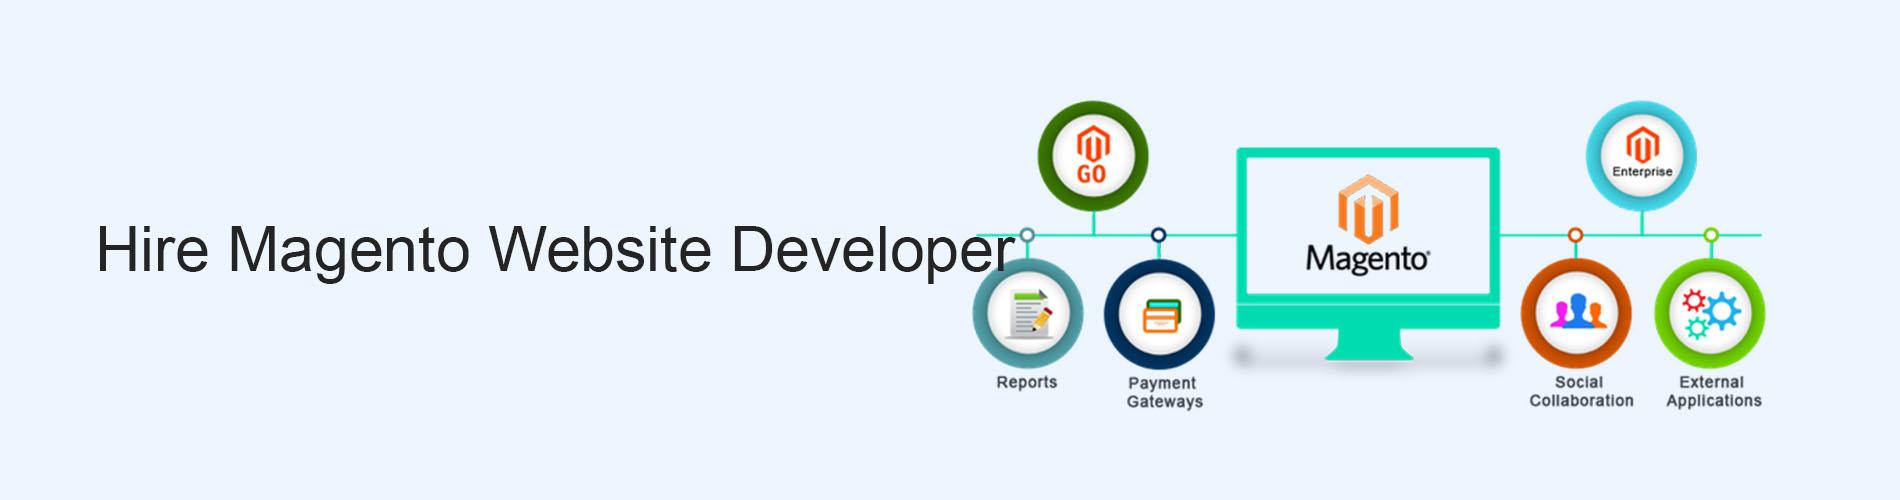 hire-magento-website-developer